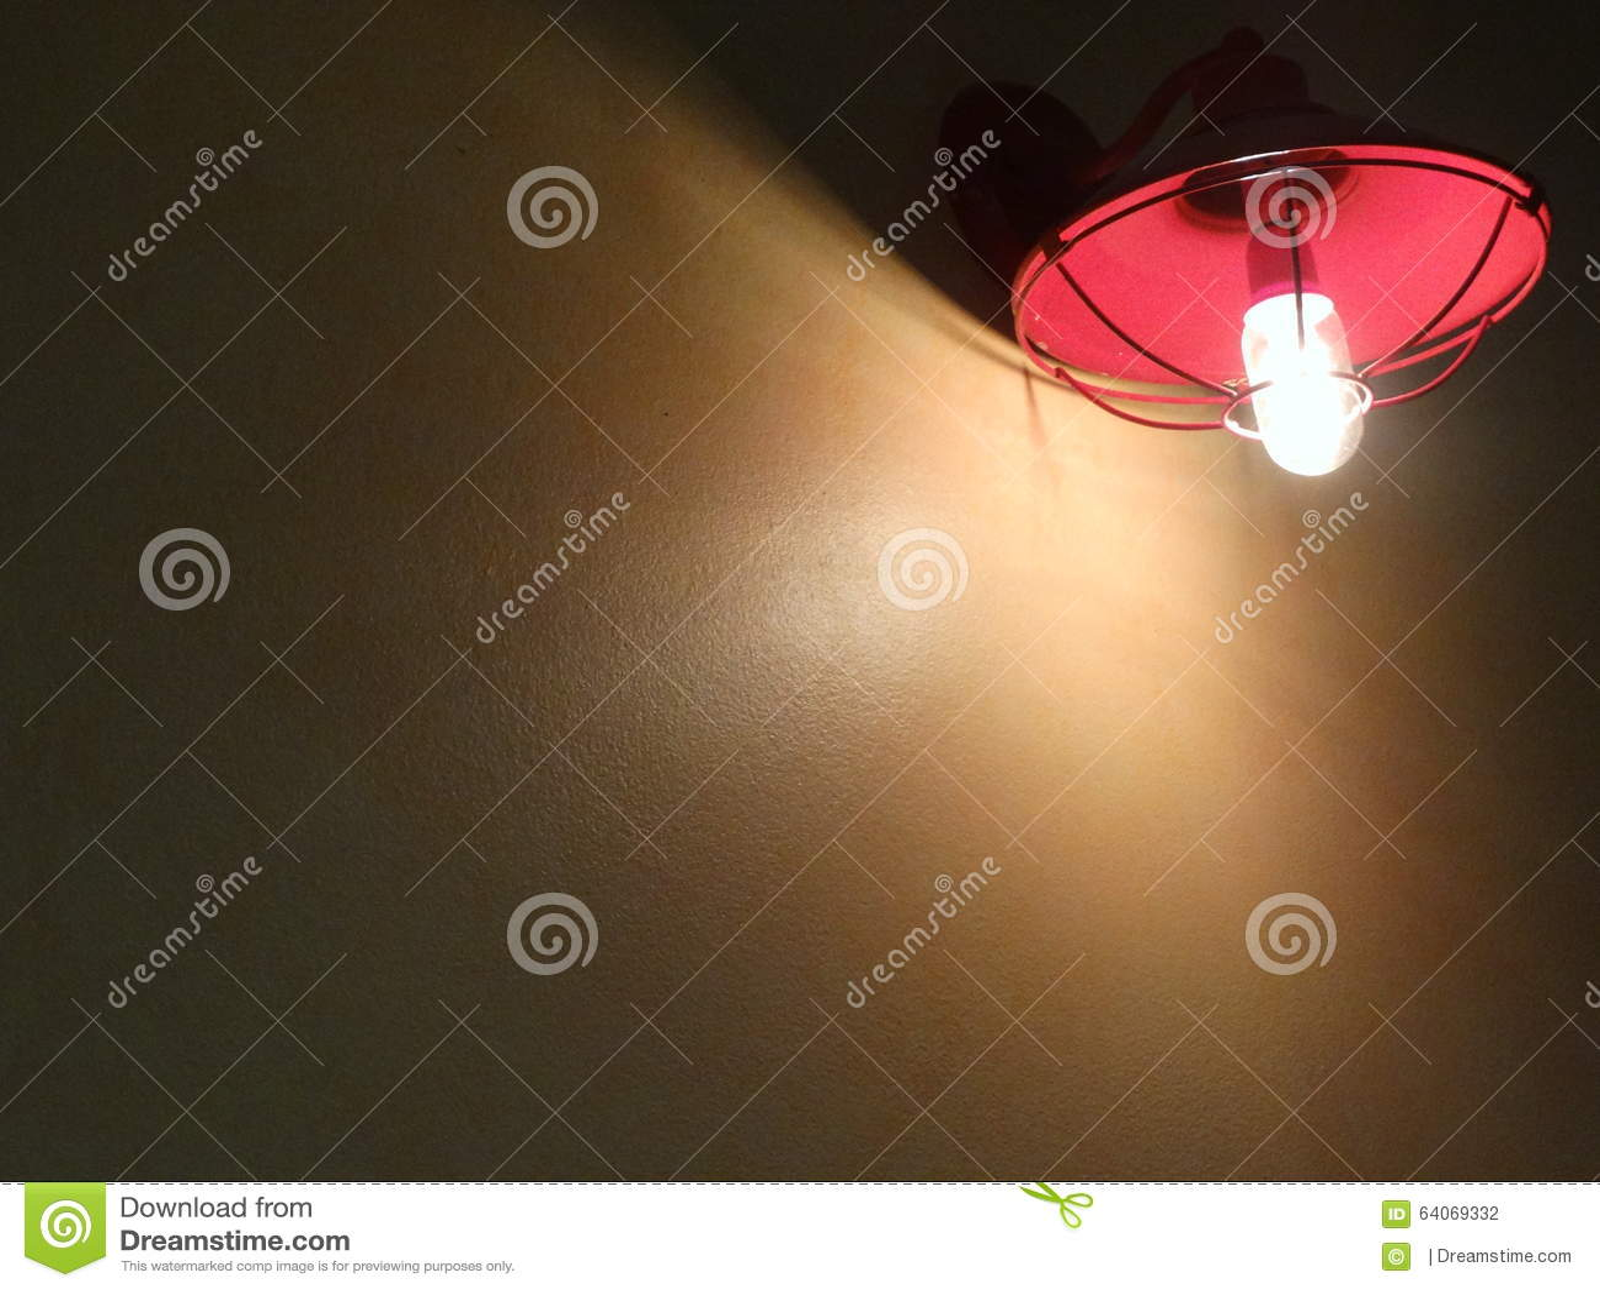 Nett Verdrahtung Einer Leuchte Roten Draht Ideen - Elektrische ...